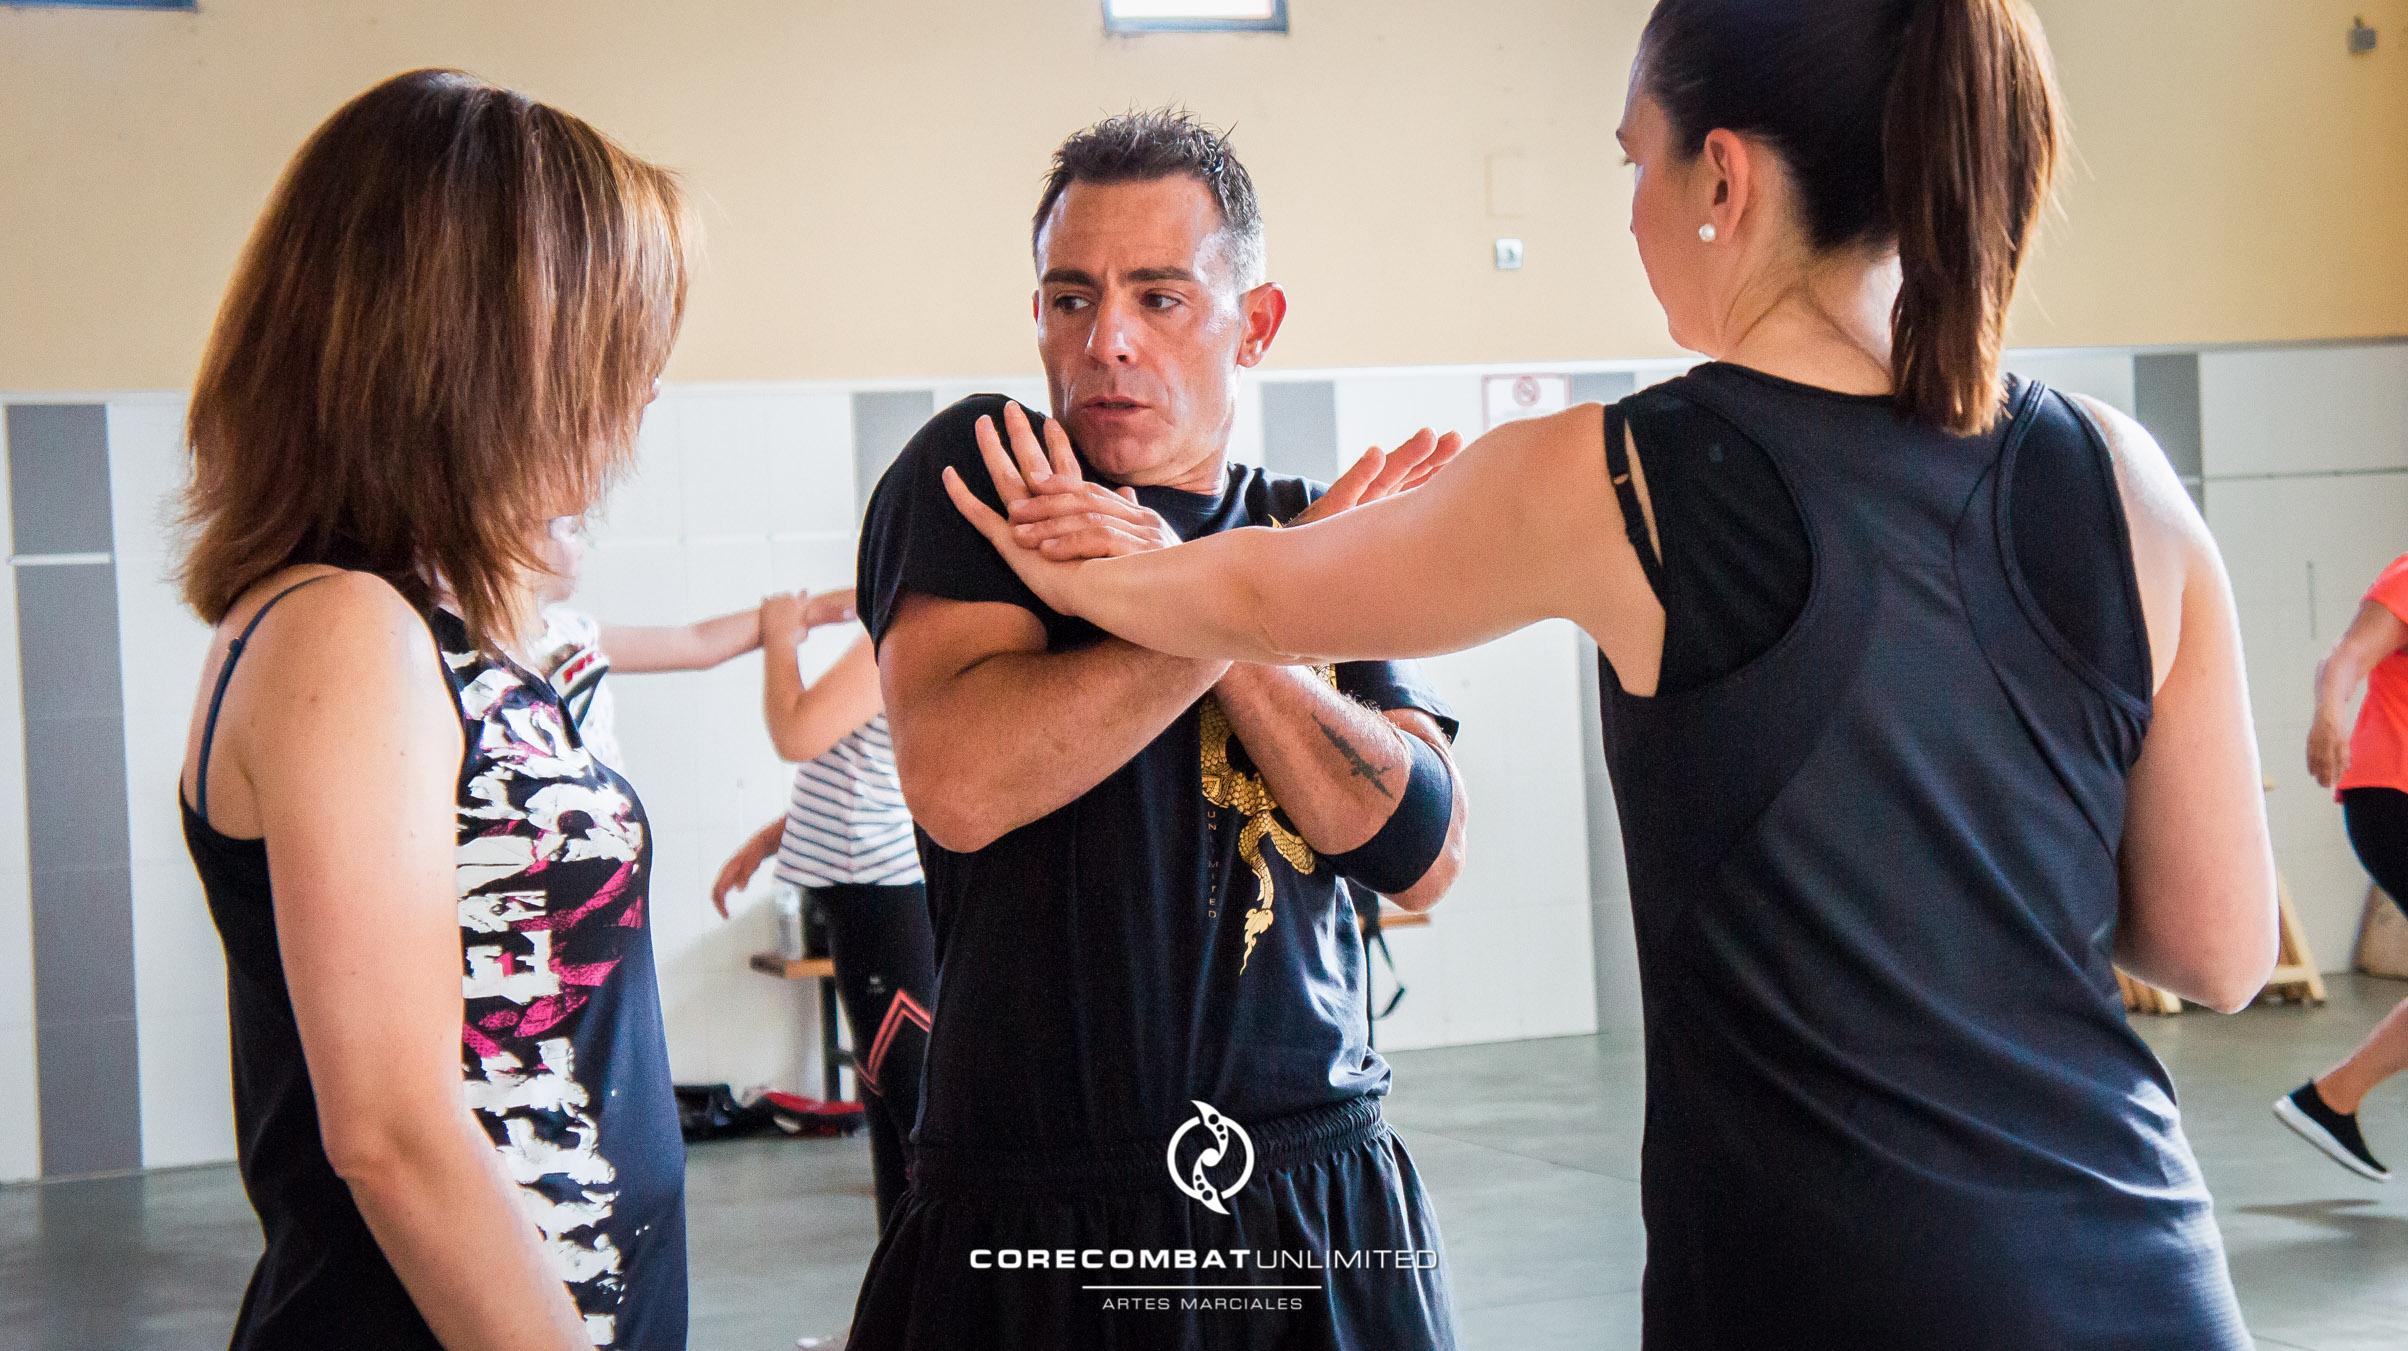 curso-defensa-personal-para-mujeres-zamora-coreses-artes-marciales-zamora-core-combat-salamanca-valladolid-leon-madrid-22